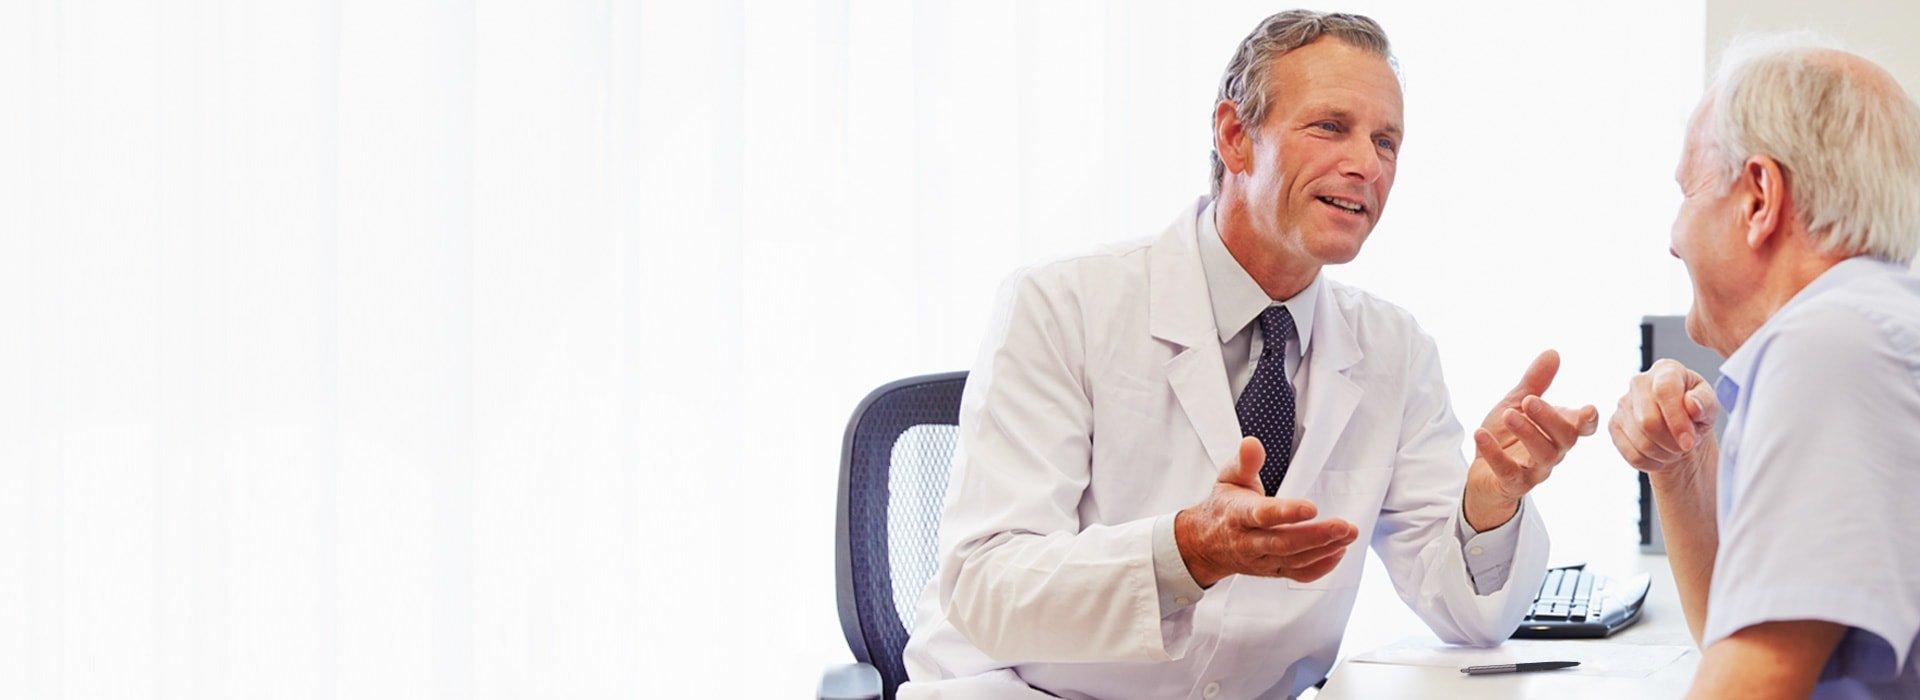 Vyras konsultacijoje pas klausos specialistą arba audiologą.